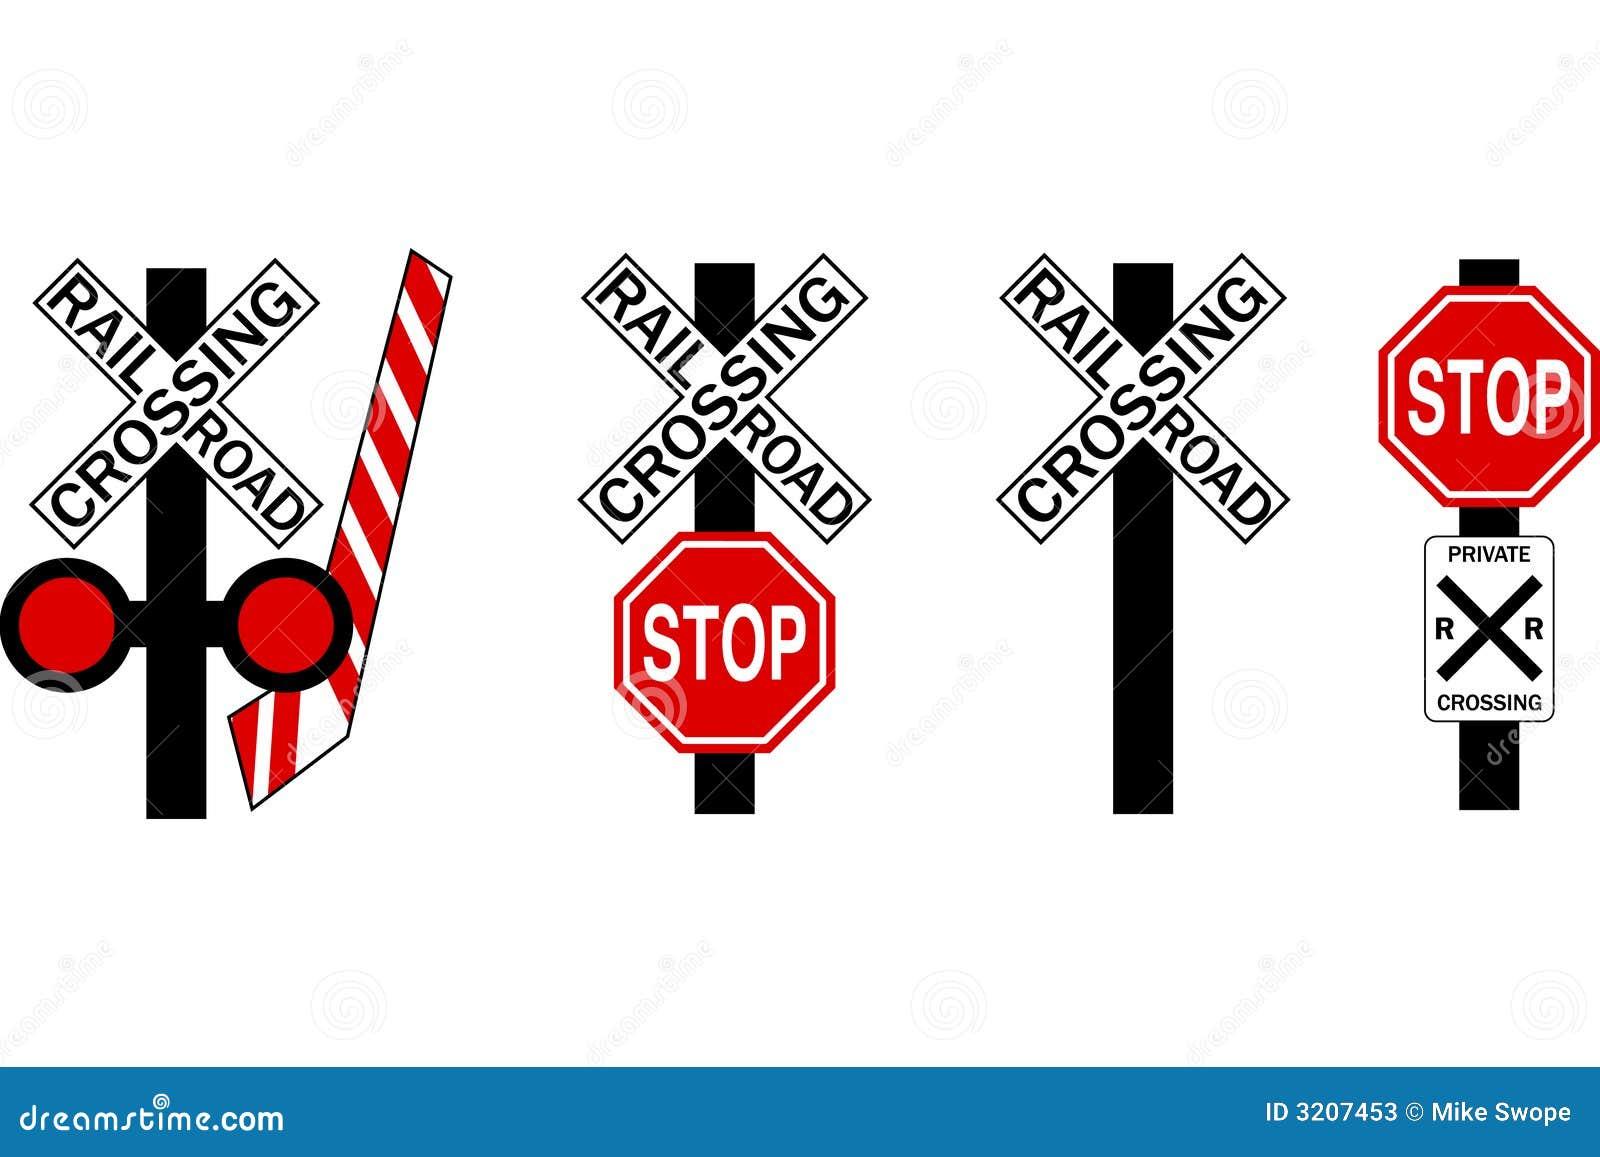 Railroad Crossing Clip Art Clip Art Railroad crossing